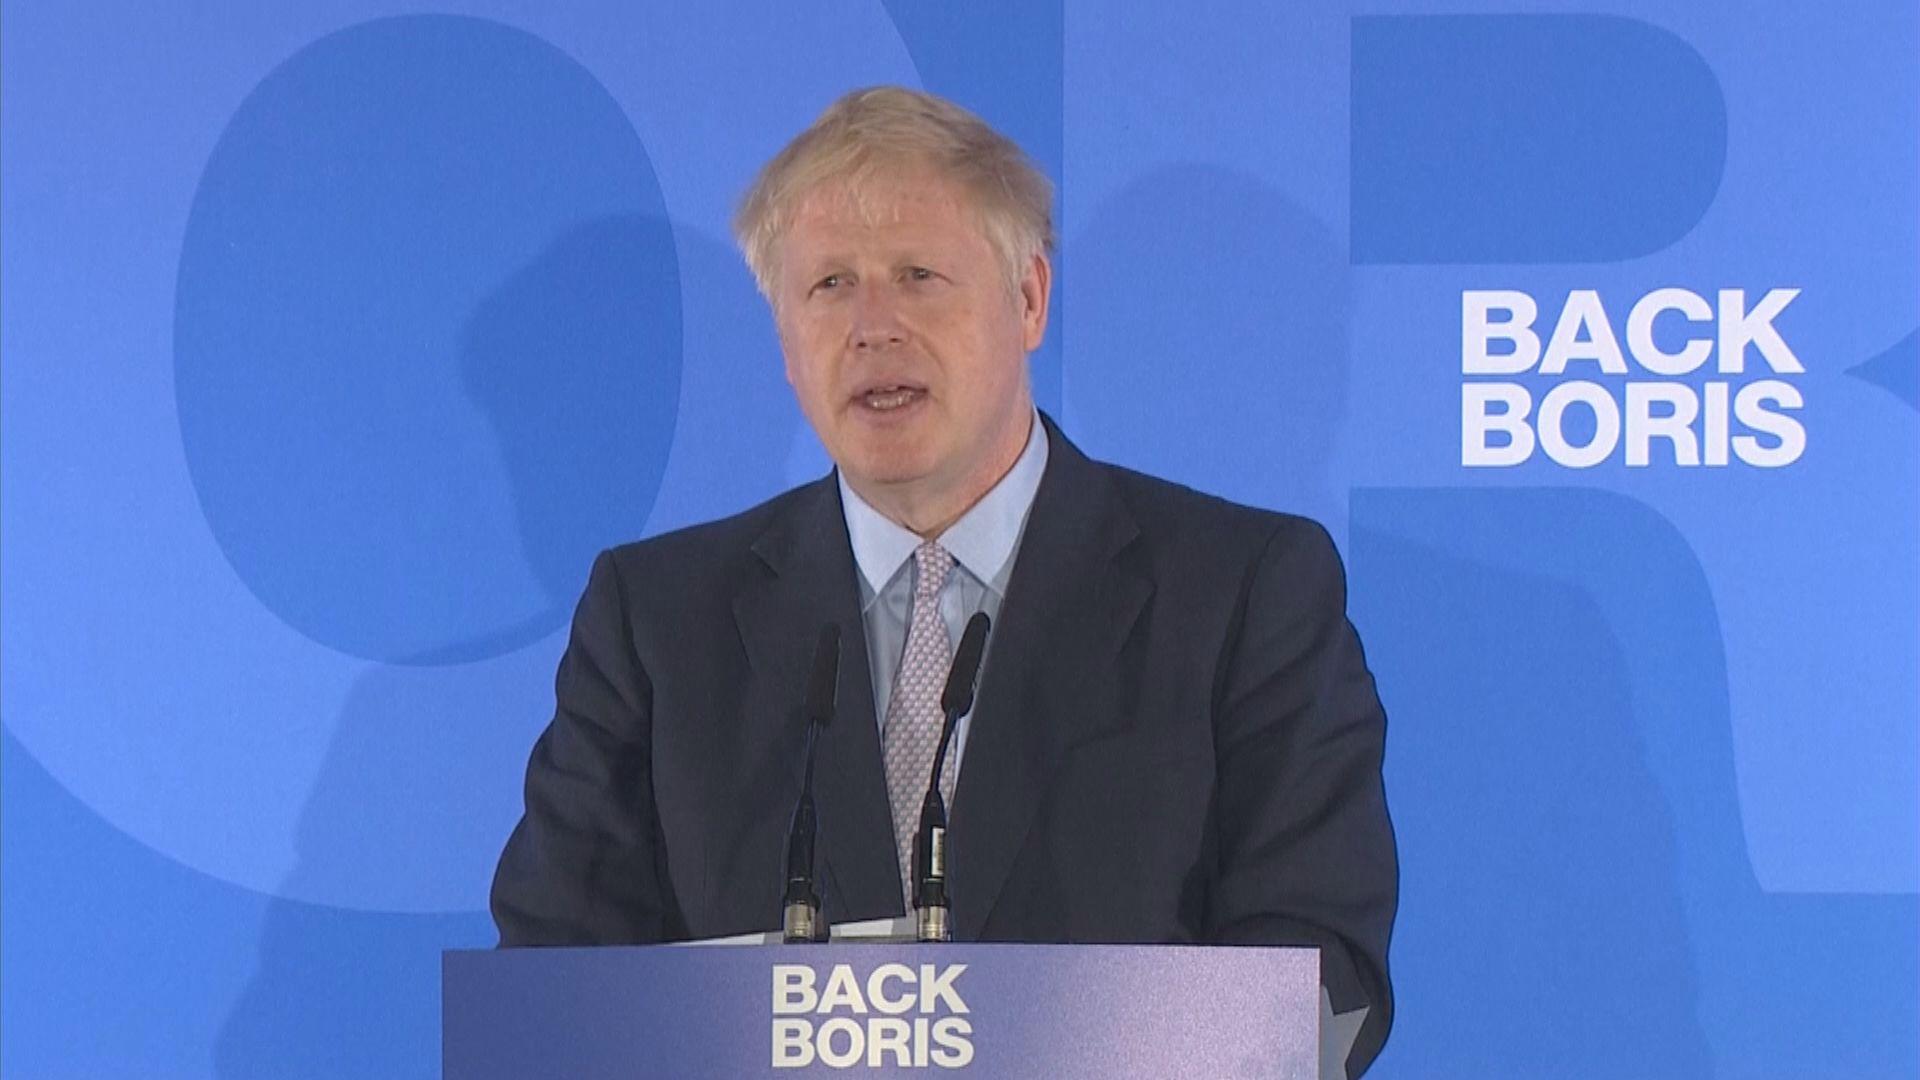 約翰遜:新協議能讓英國在不混亂情況下脫歐